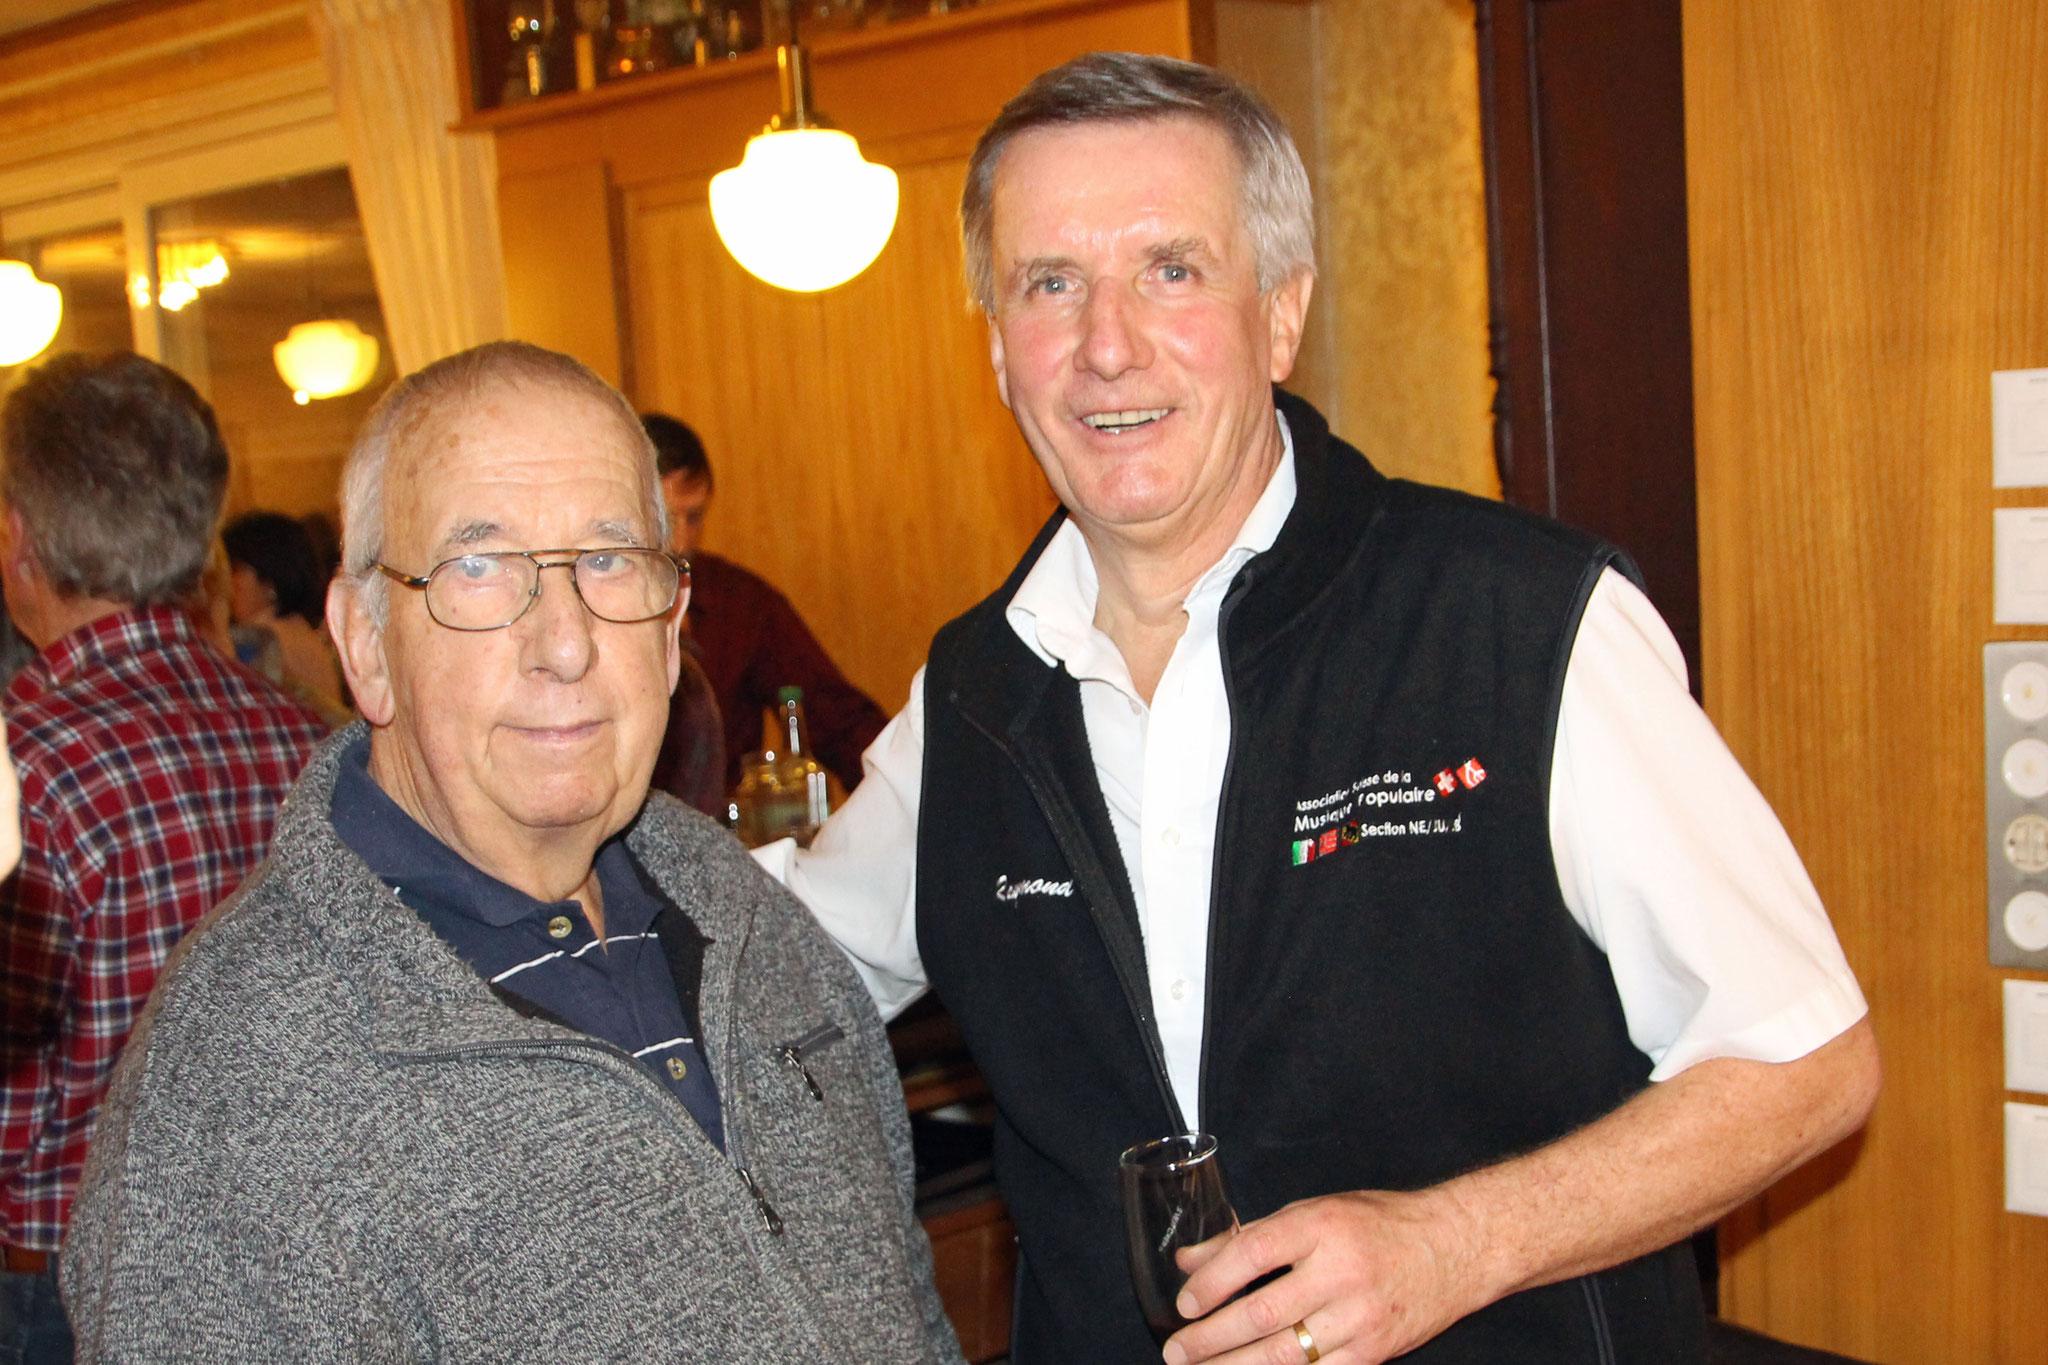 2017.01.14 Dino président d'honneur et Raymond président en fonction (photo: O.O.)